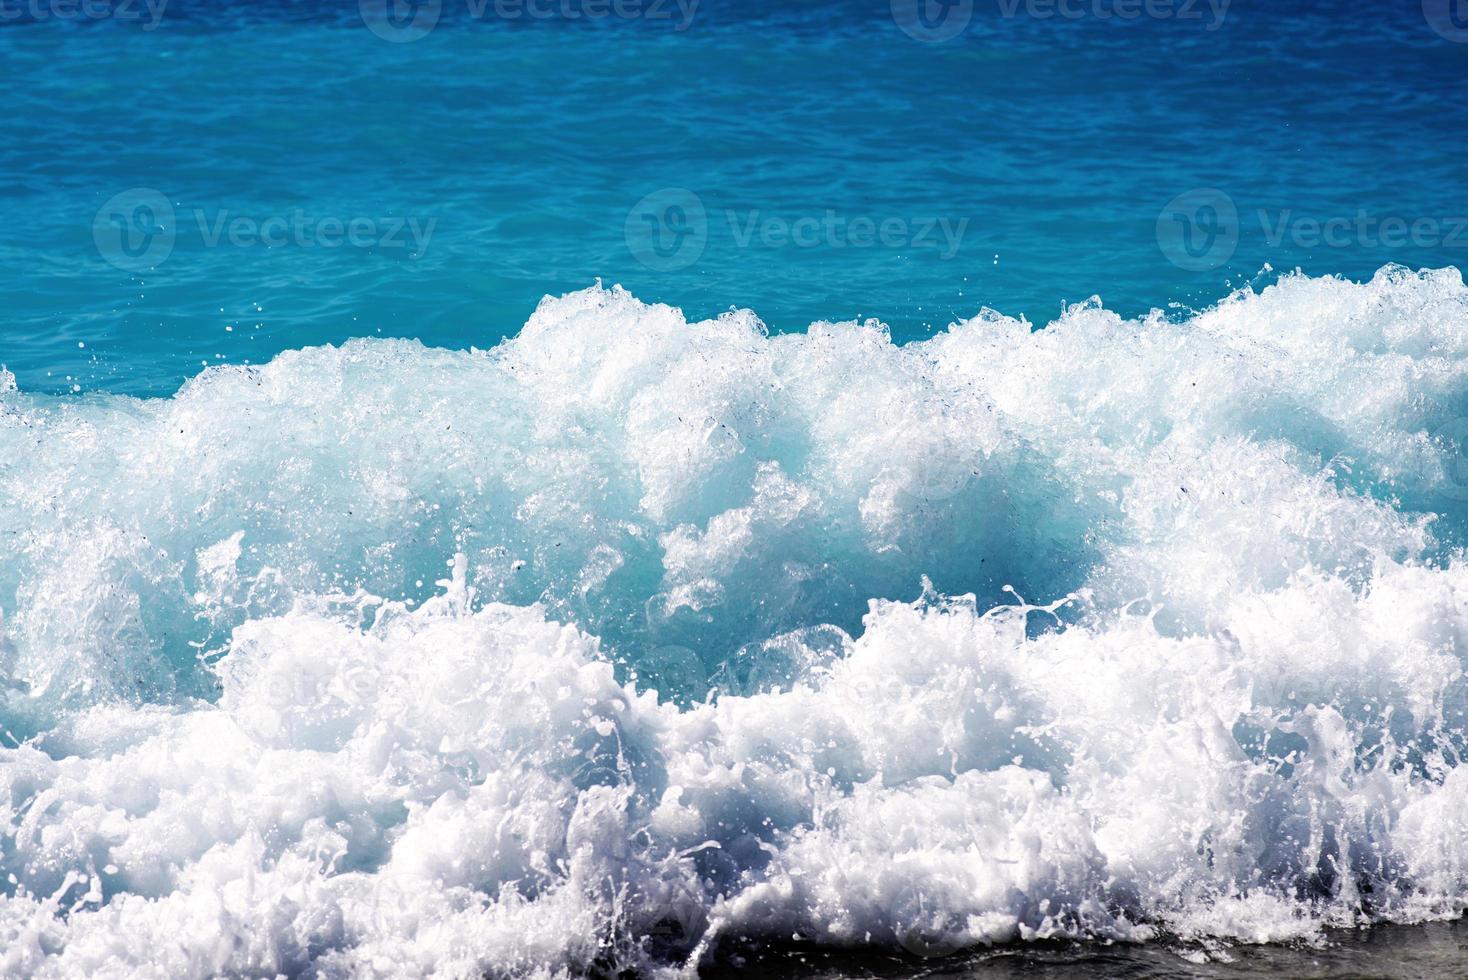 plonsgolf op het oppervlak van de zee foto